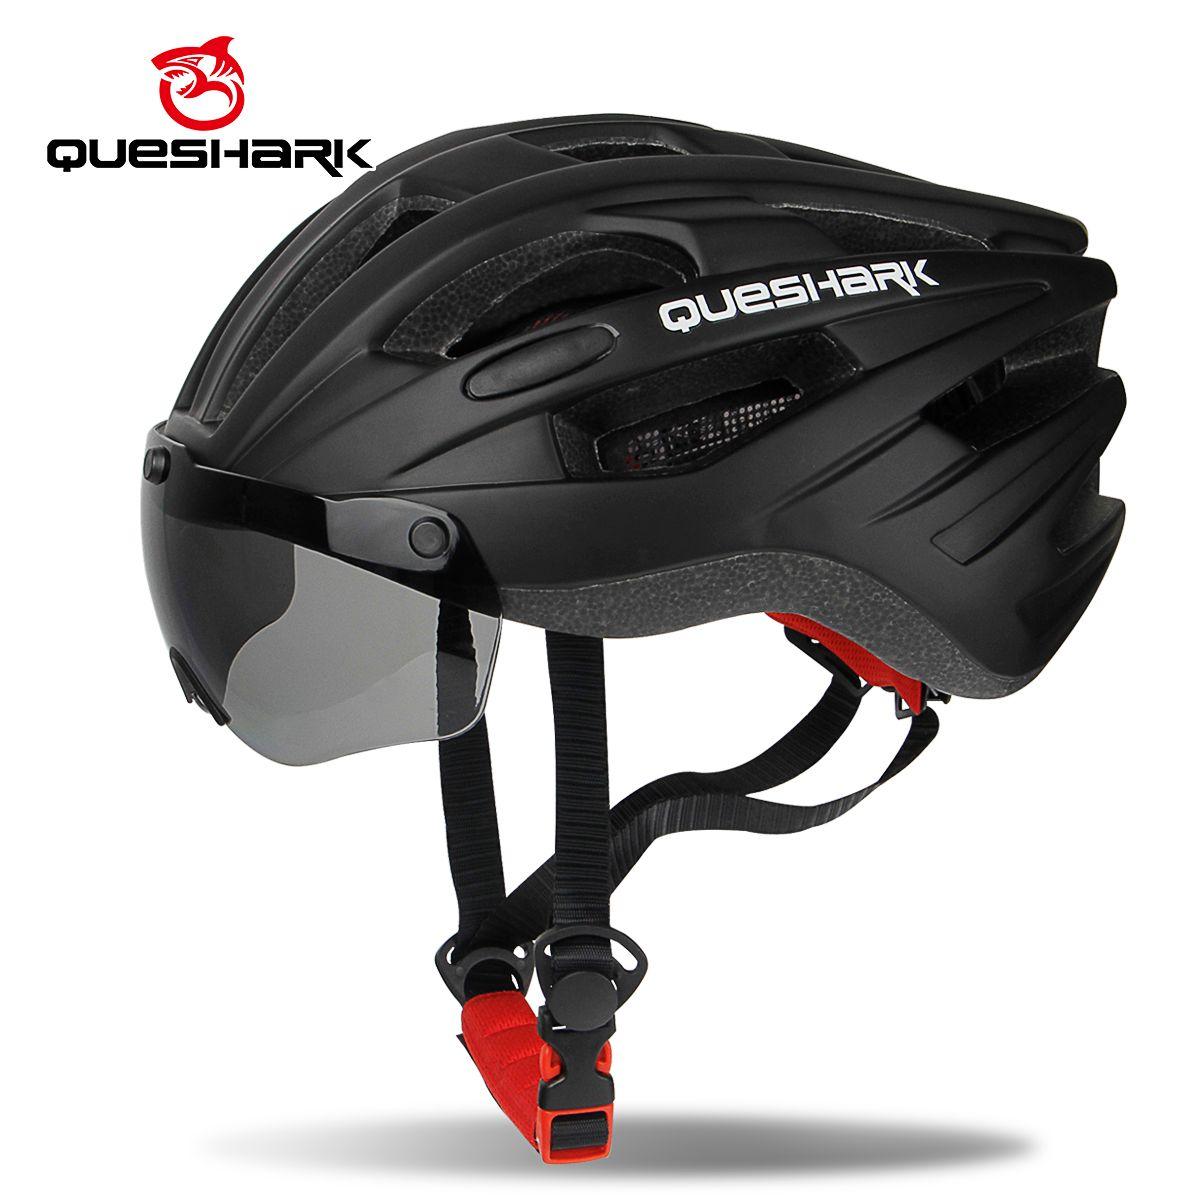 QUESHARK casque de vélo coupe-vent sécurité casquettes d'équitation respirant montagne route vtt casques de vélo avec lunettes lentille amovible